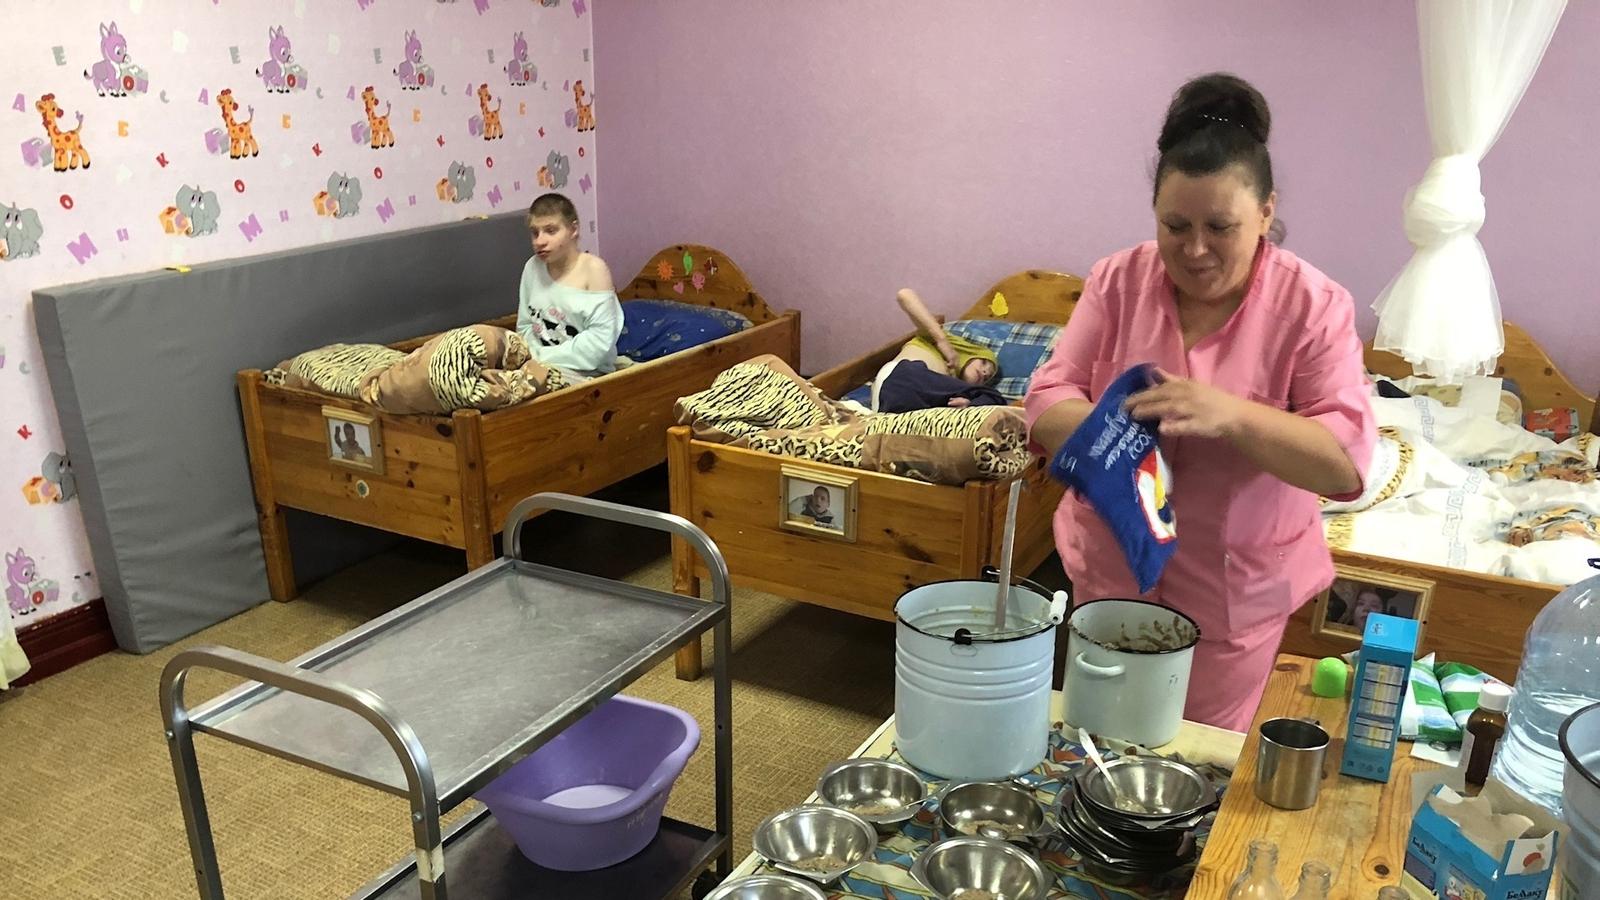 Image - High Dependency Unit in Vesnova